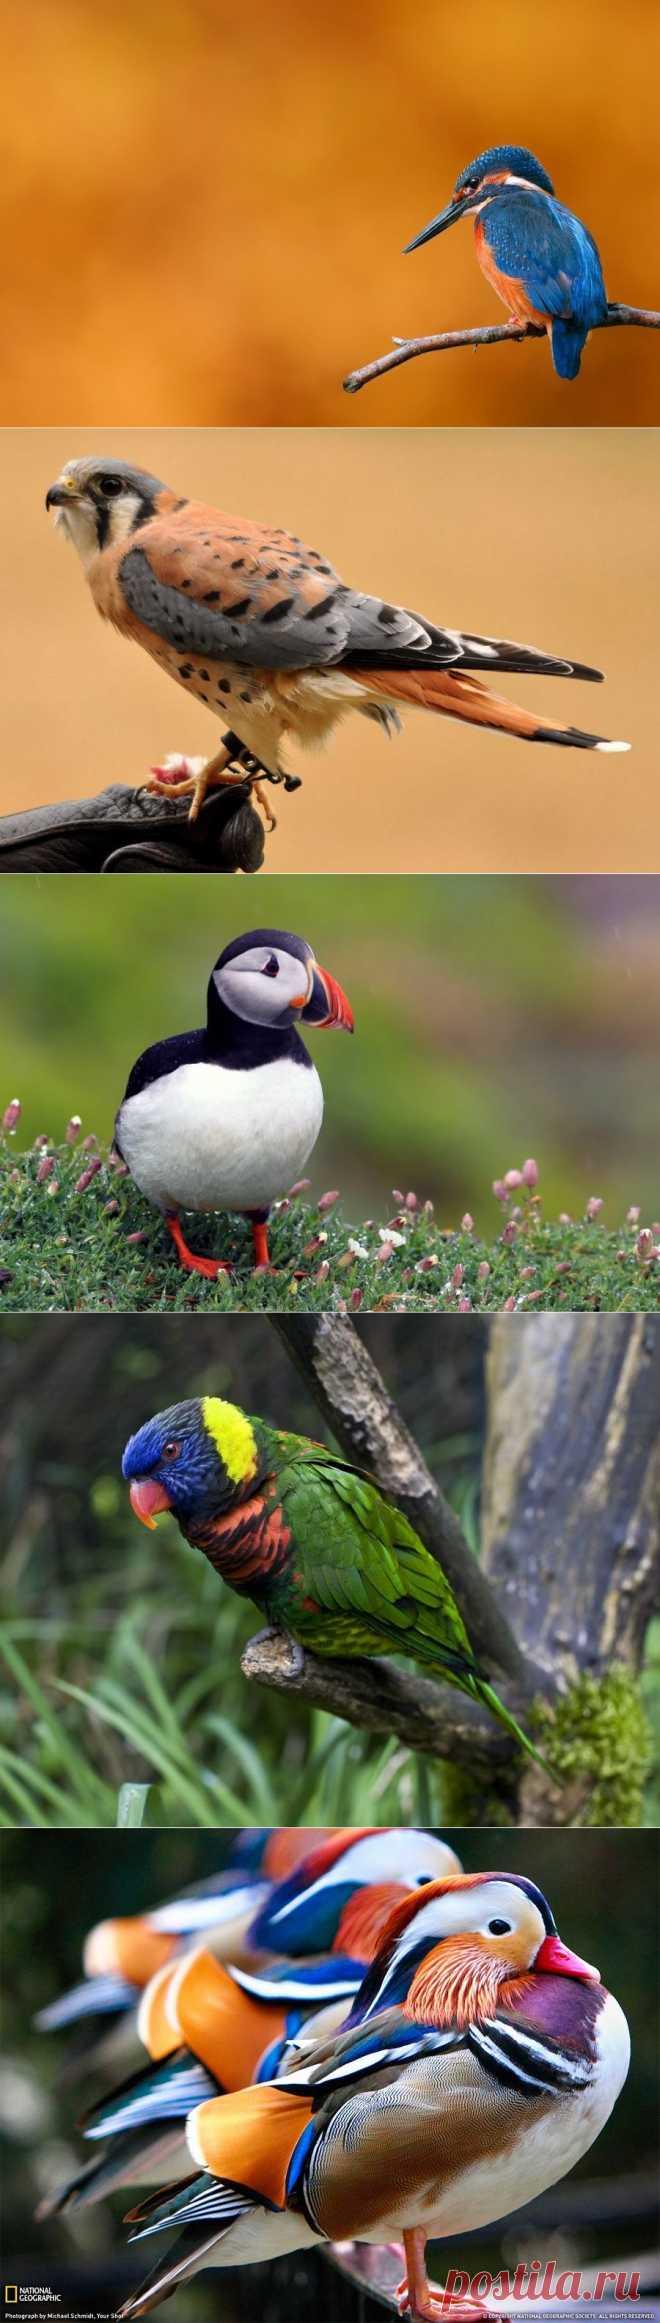 10 самых красивых птиц - Интересные фото